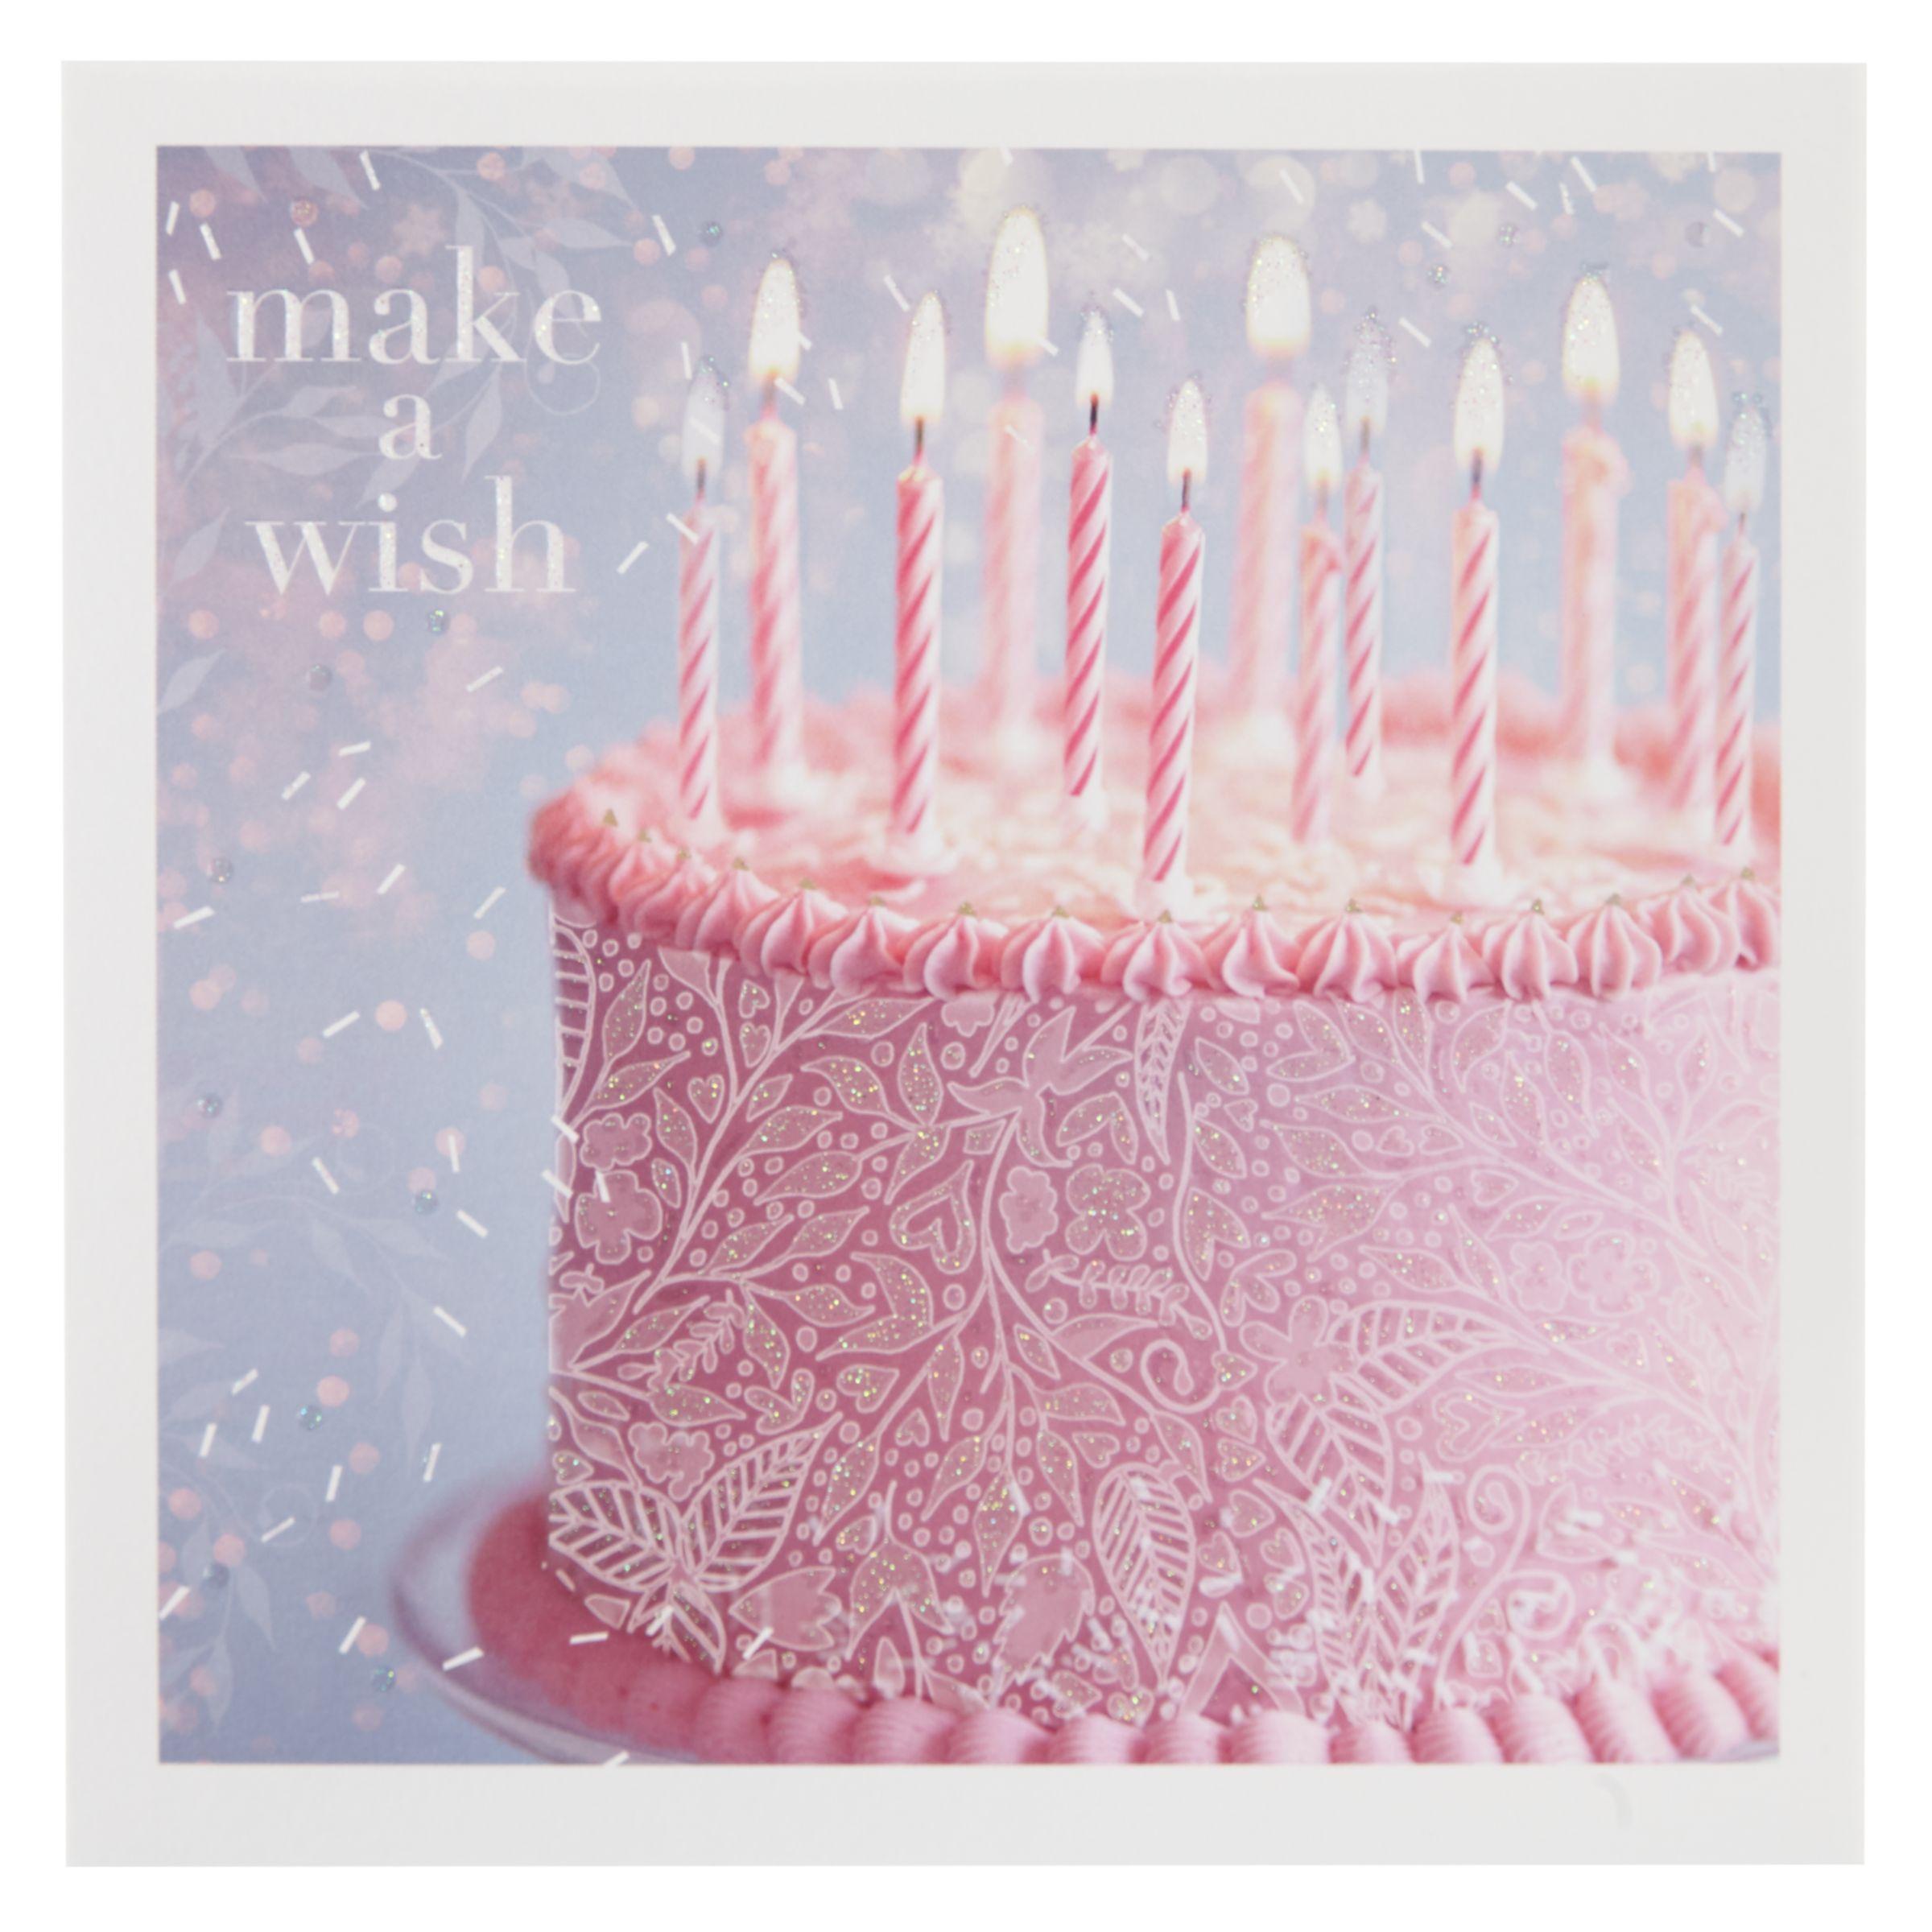 Birthday Cake John Lewis : Buy Woodmansterne Pink Make a Wish Cake Birthday Card ...